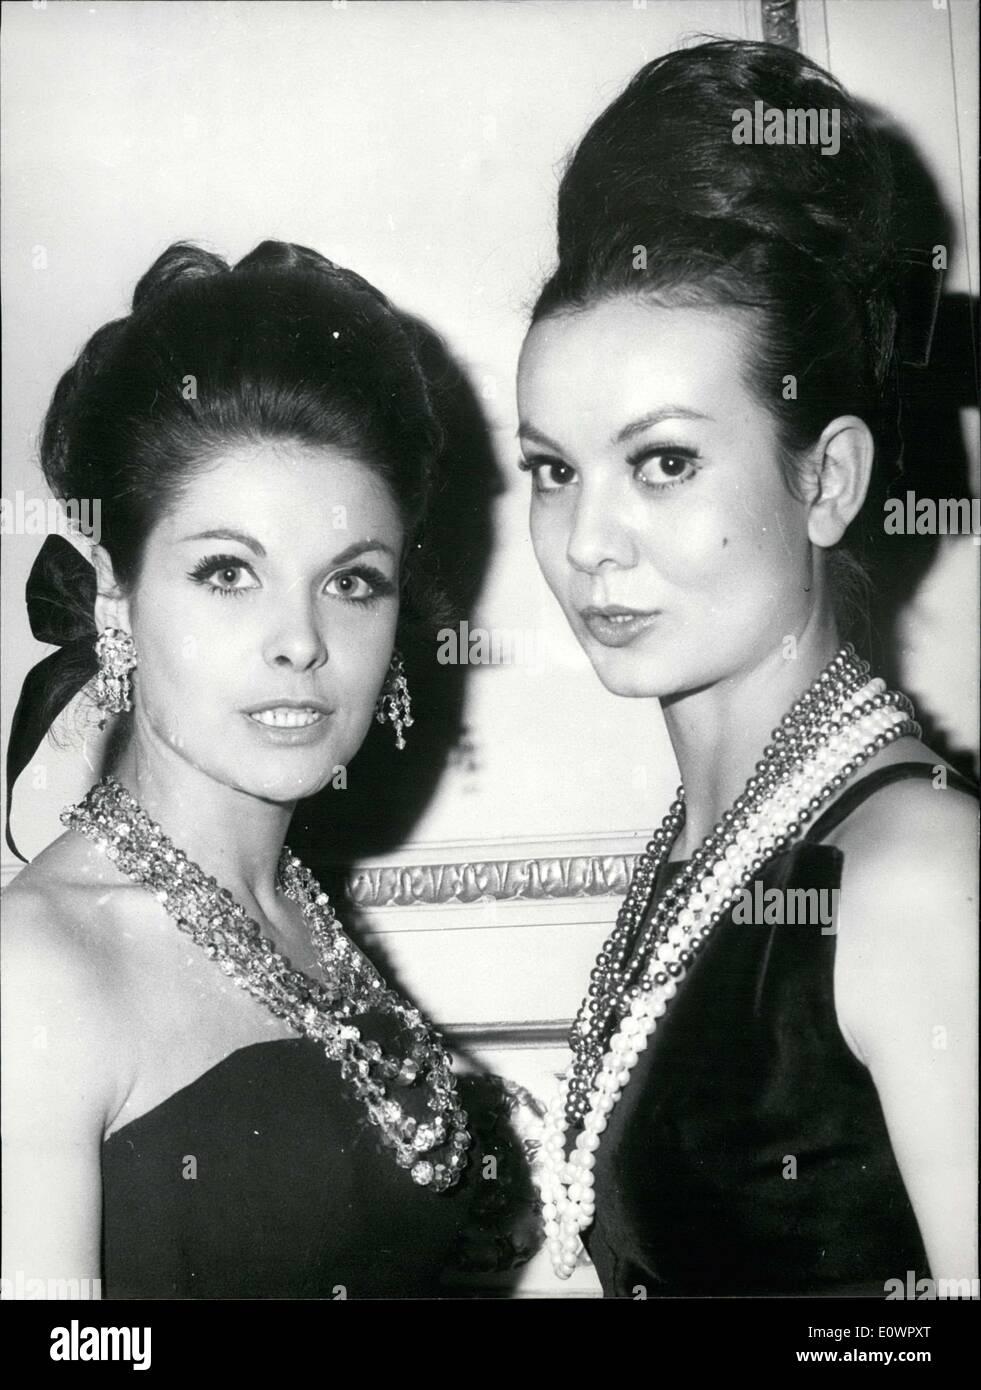 Jan. 18, 1964 - Models Wear Bohemian Jewelry Czechoslovakian Embassy in Paris APRESS.c - Stock Image